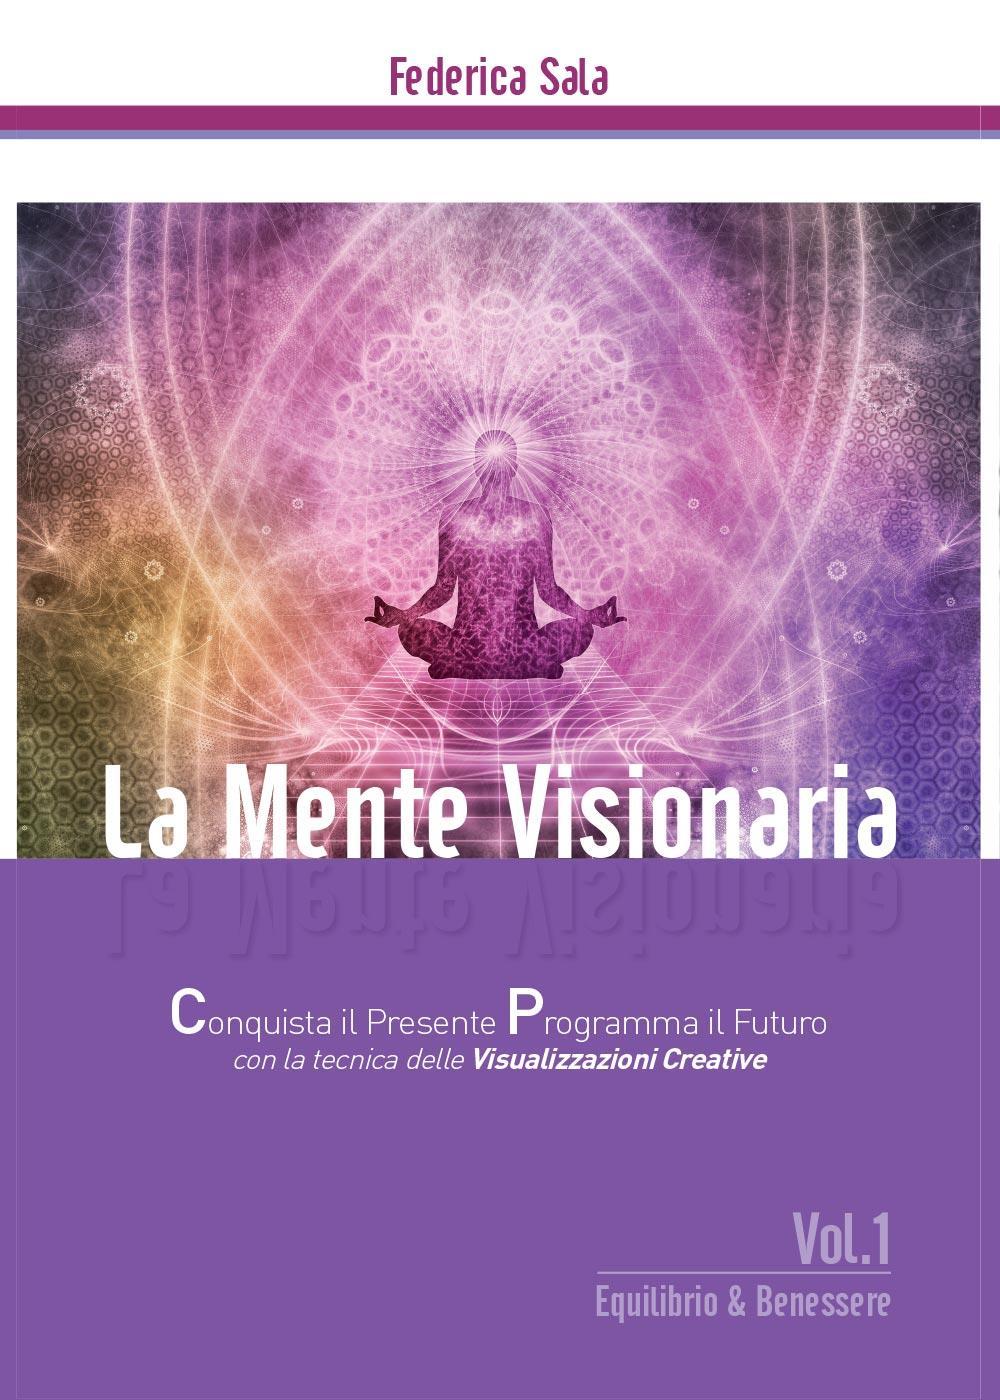 La Mente Visionaria Vol.1 Equilibrio & Benessere